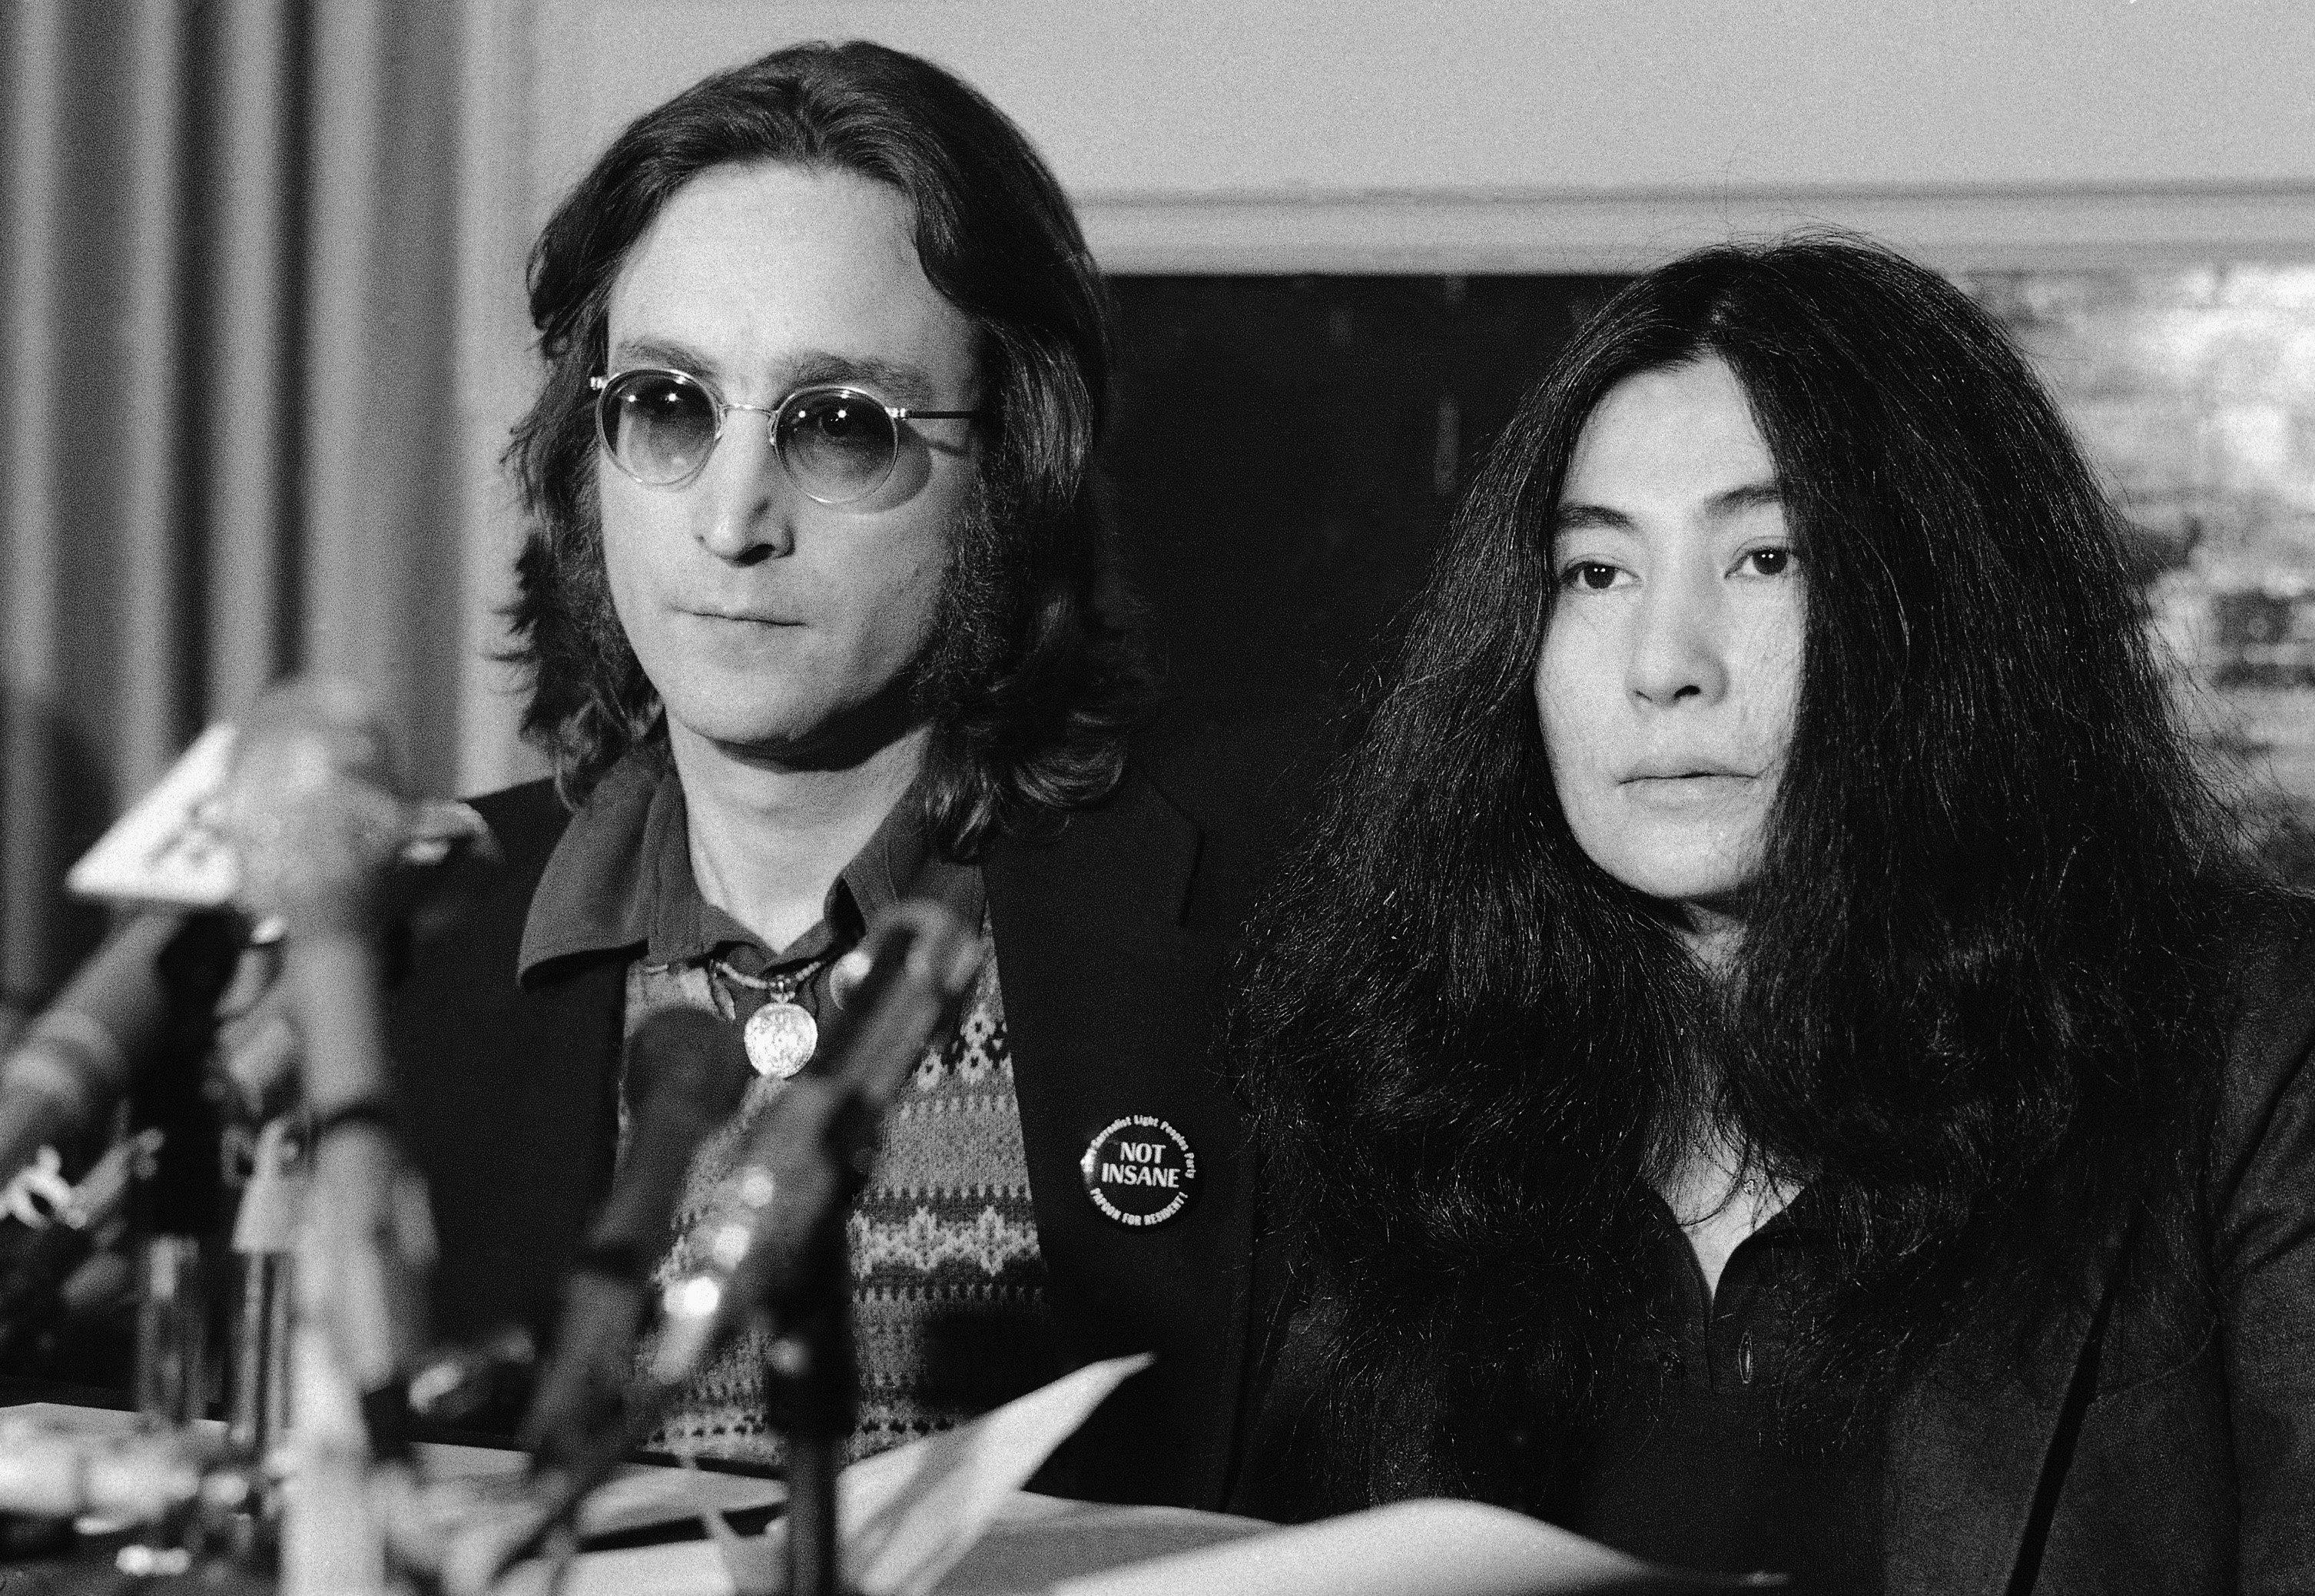 Джон Леннон и Йоко Оно (апрель 1973 года, Нью-Йорк)